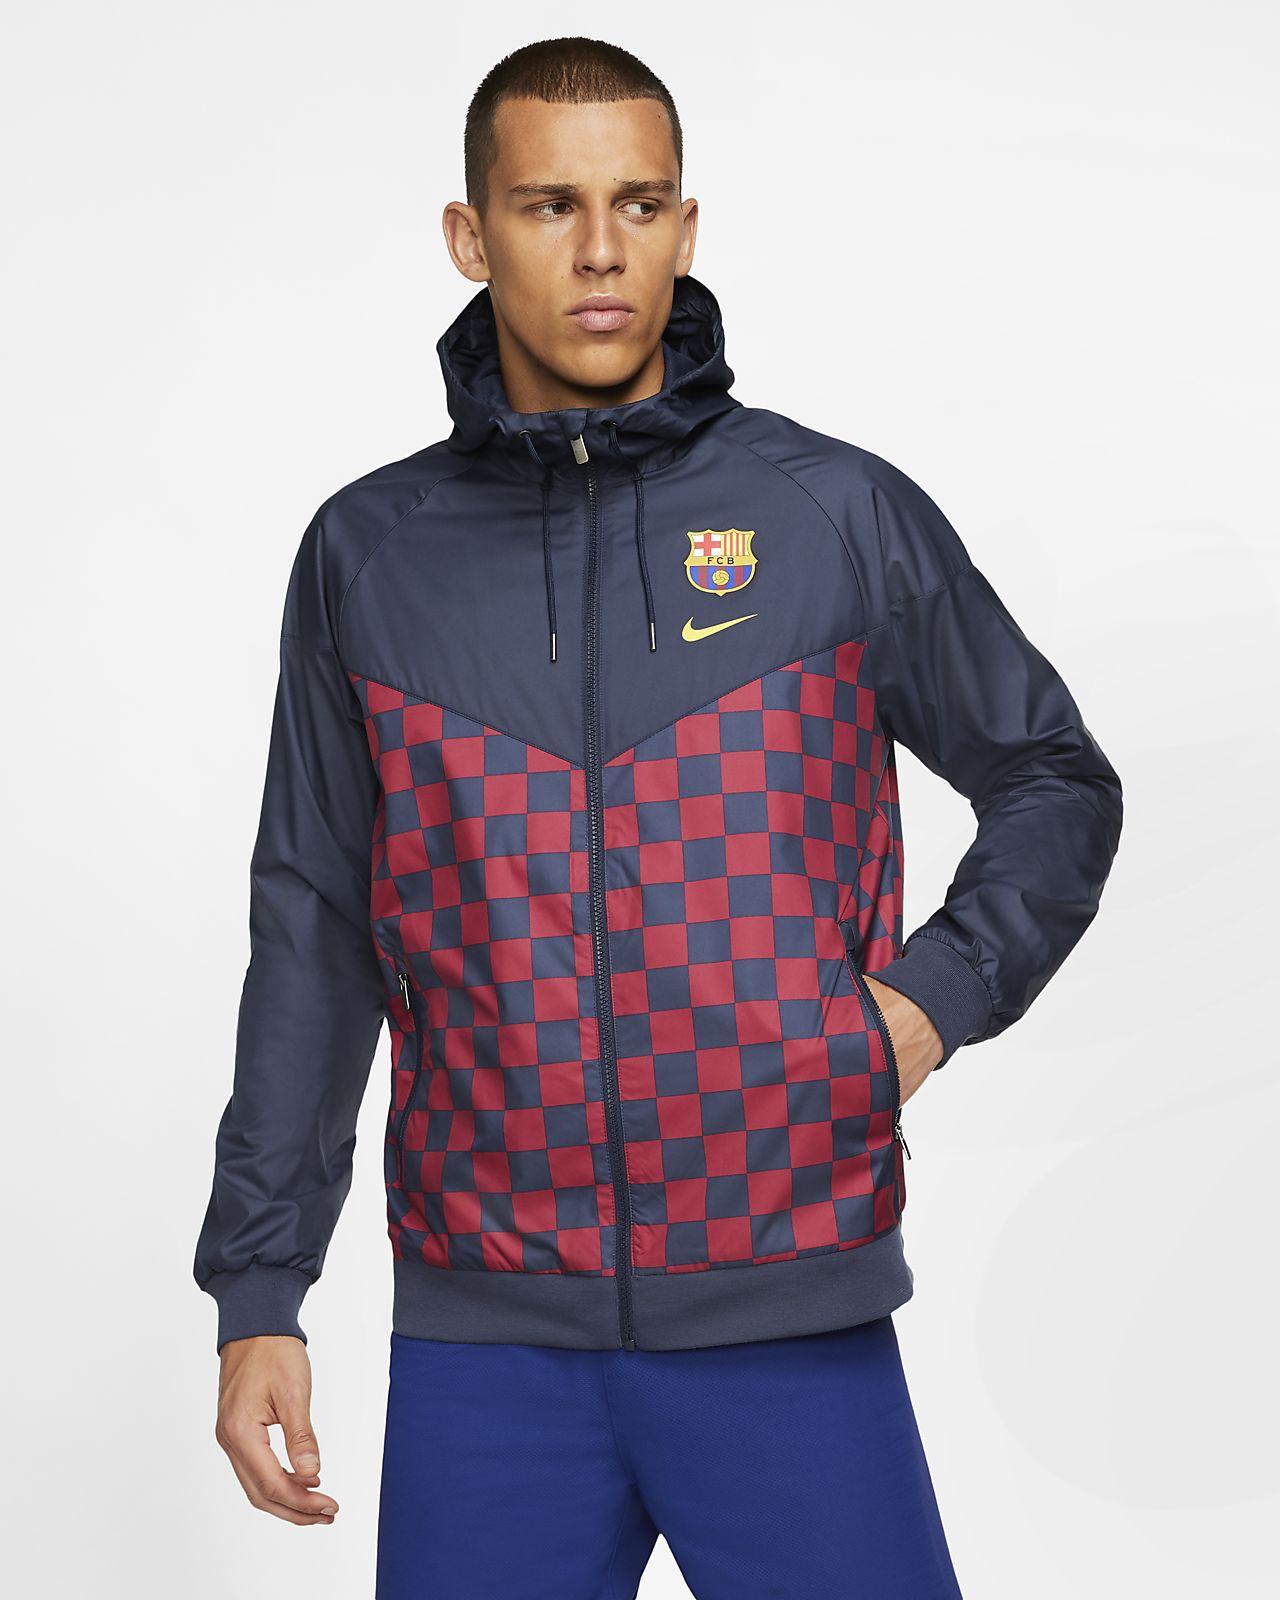 FC バルセロナ ウィンドランナー メンズジャケット